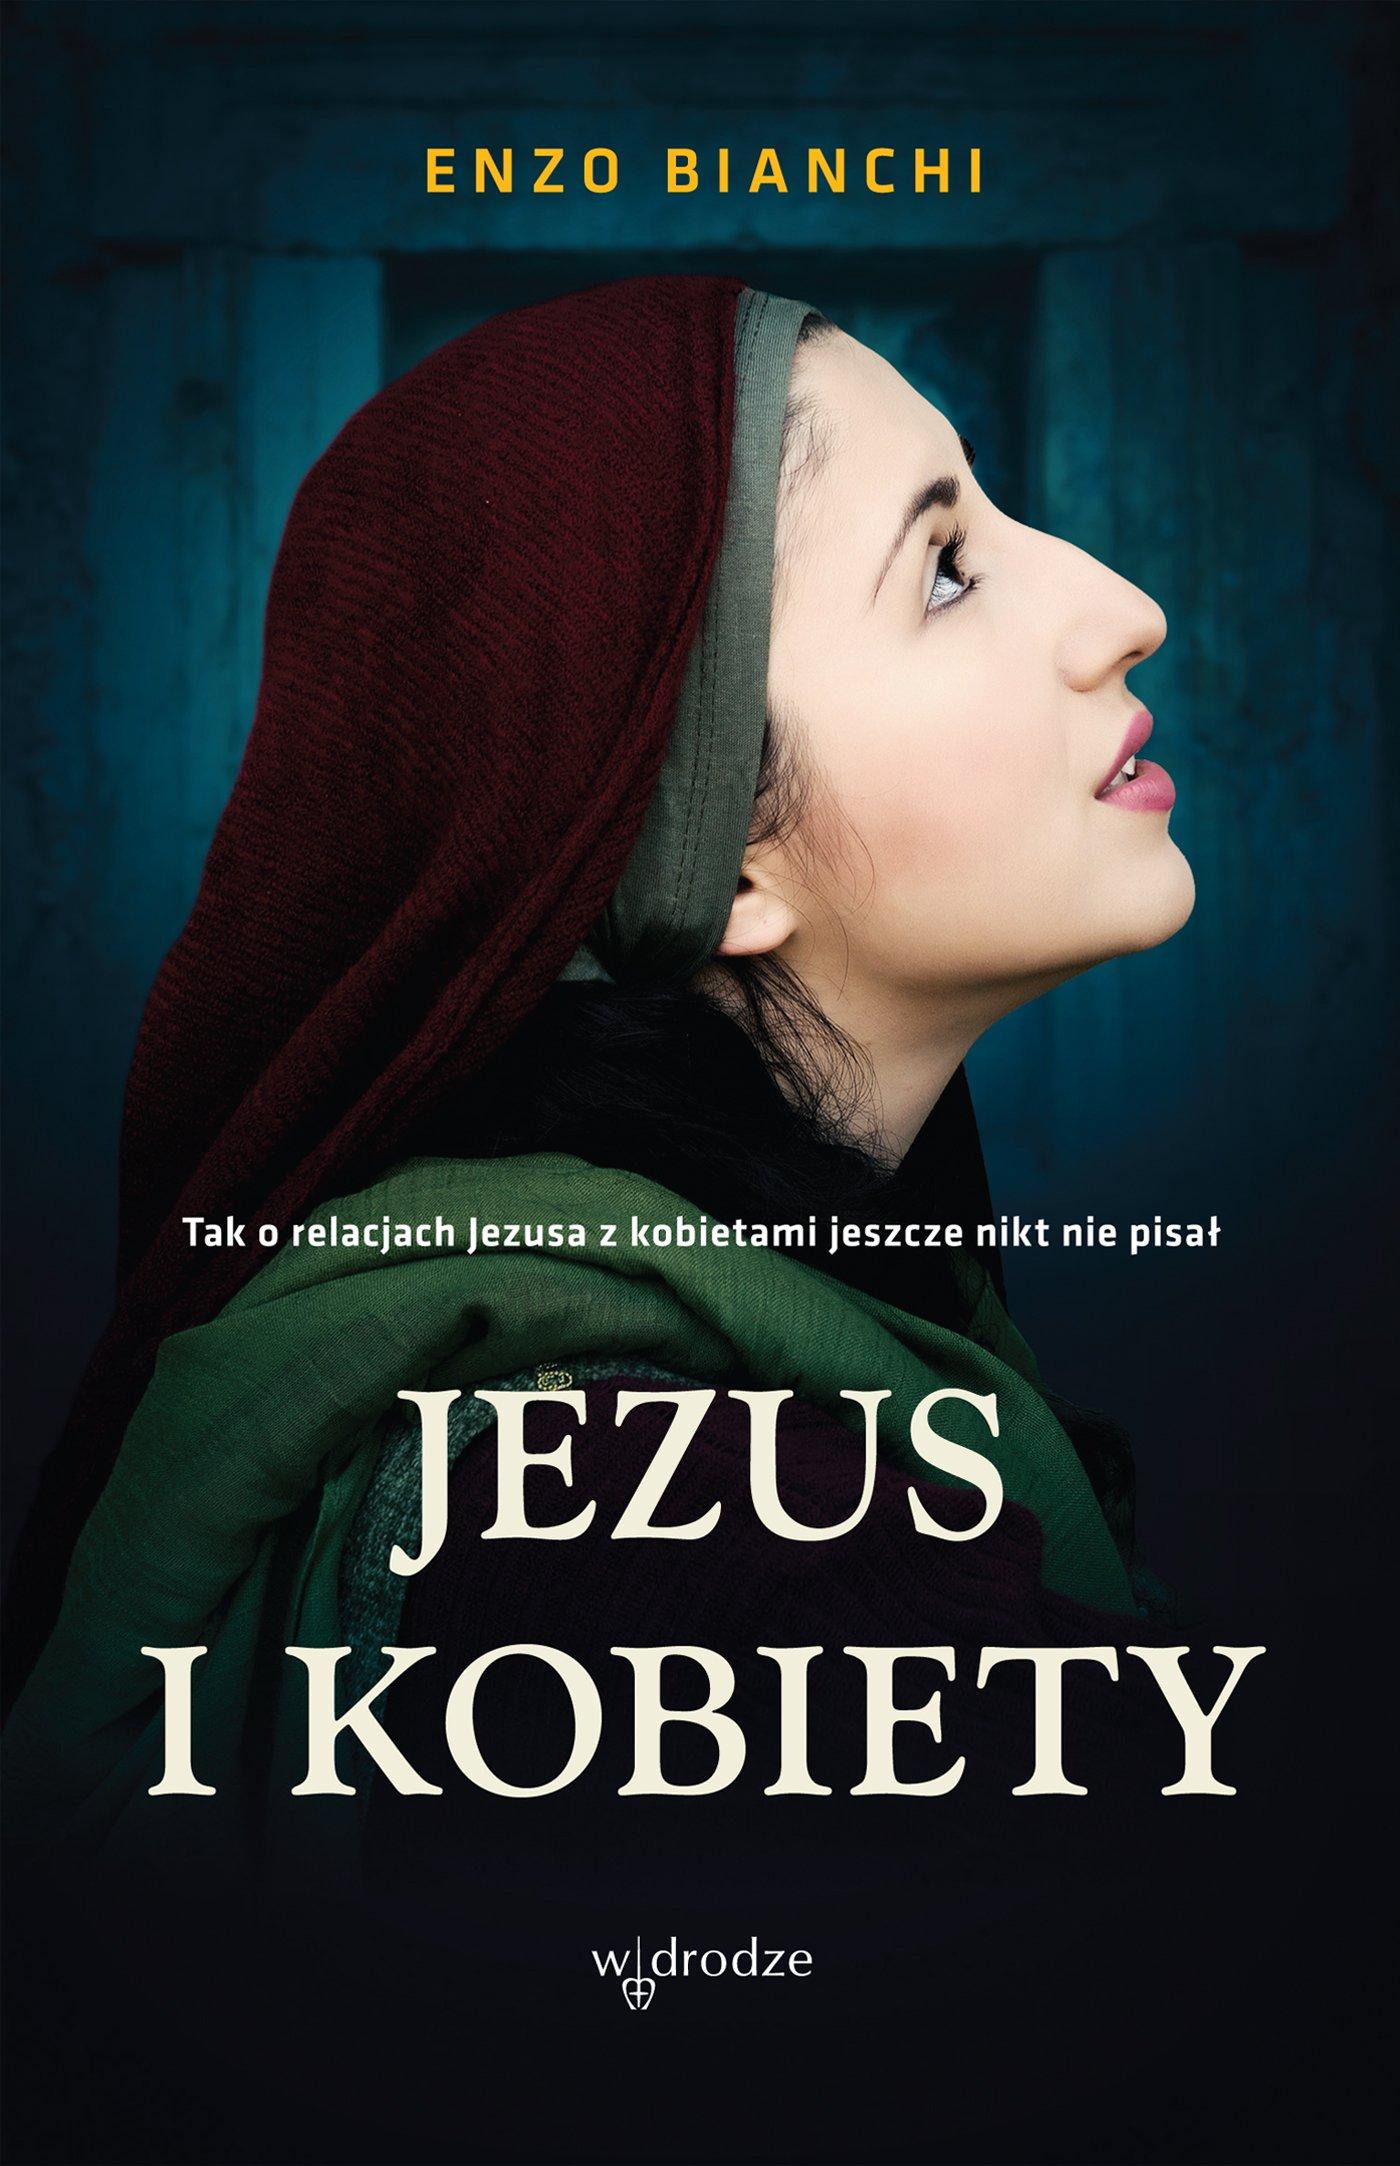 Jezus i kobiety - Ebook (Książka PDF) do pobrania w formacie PDF